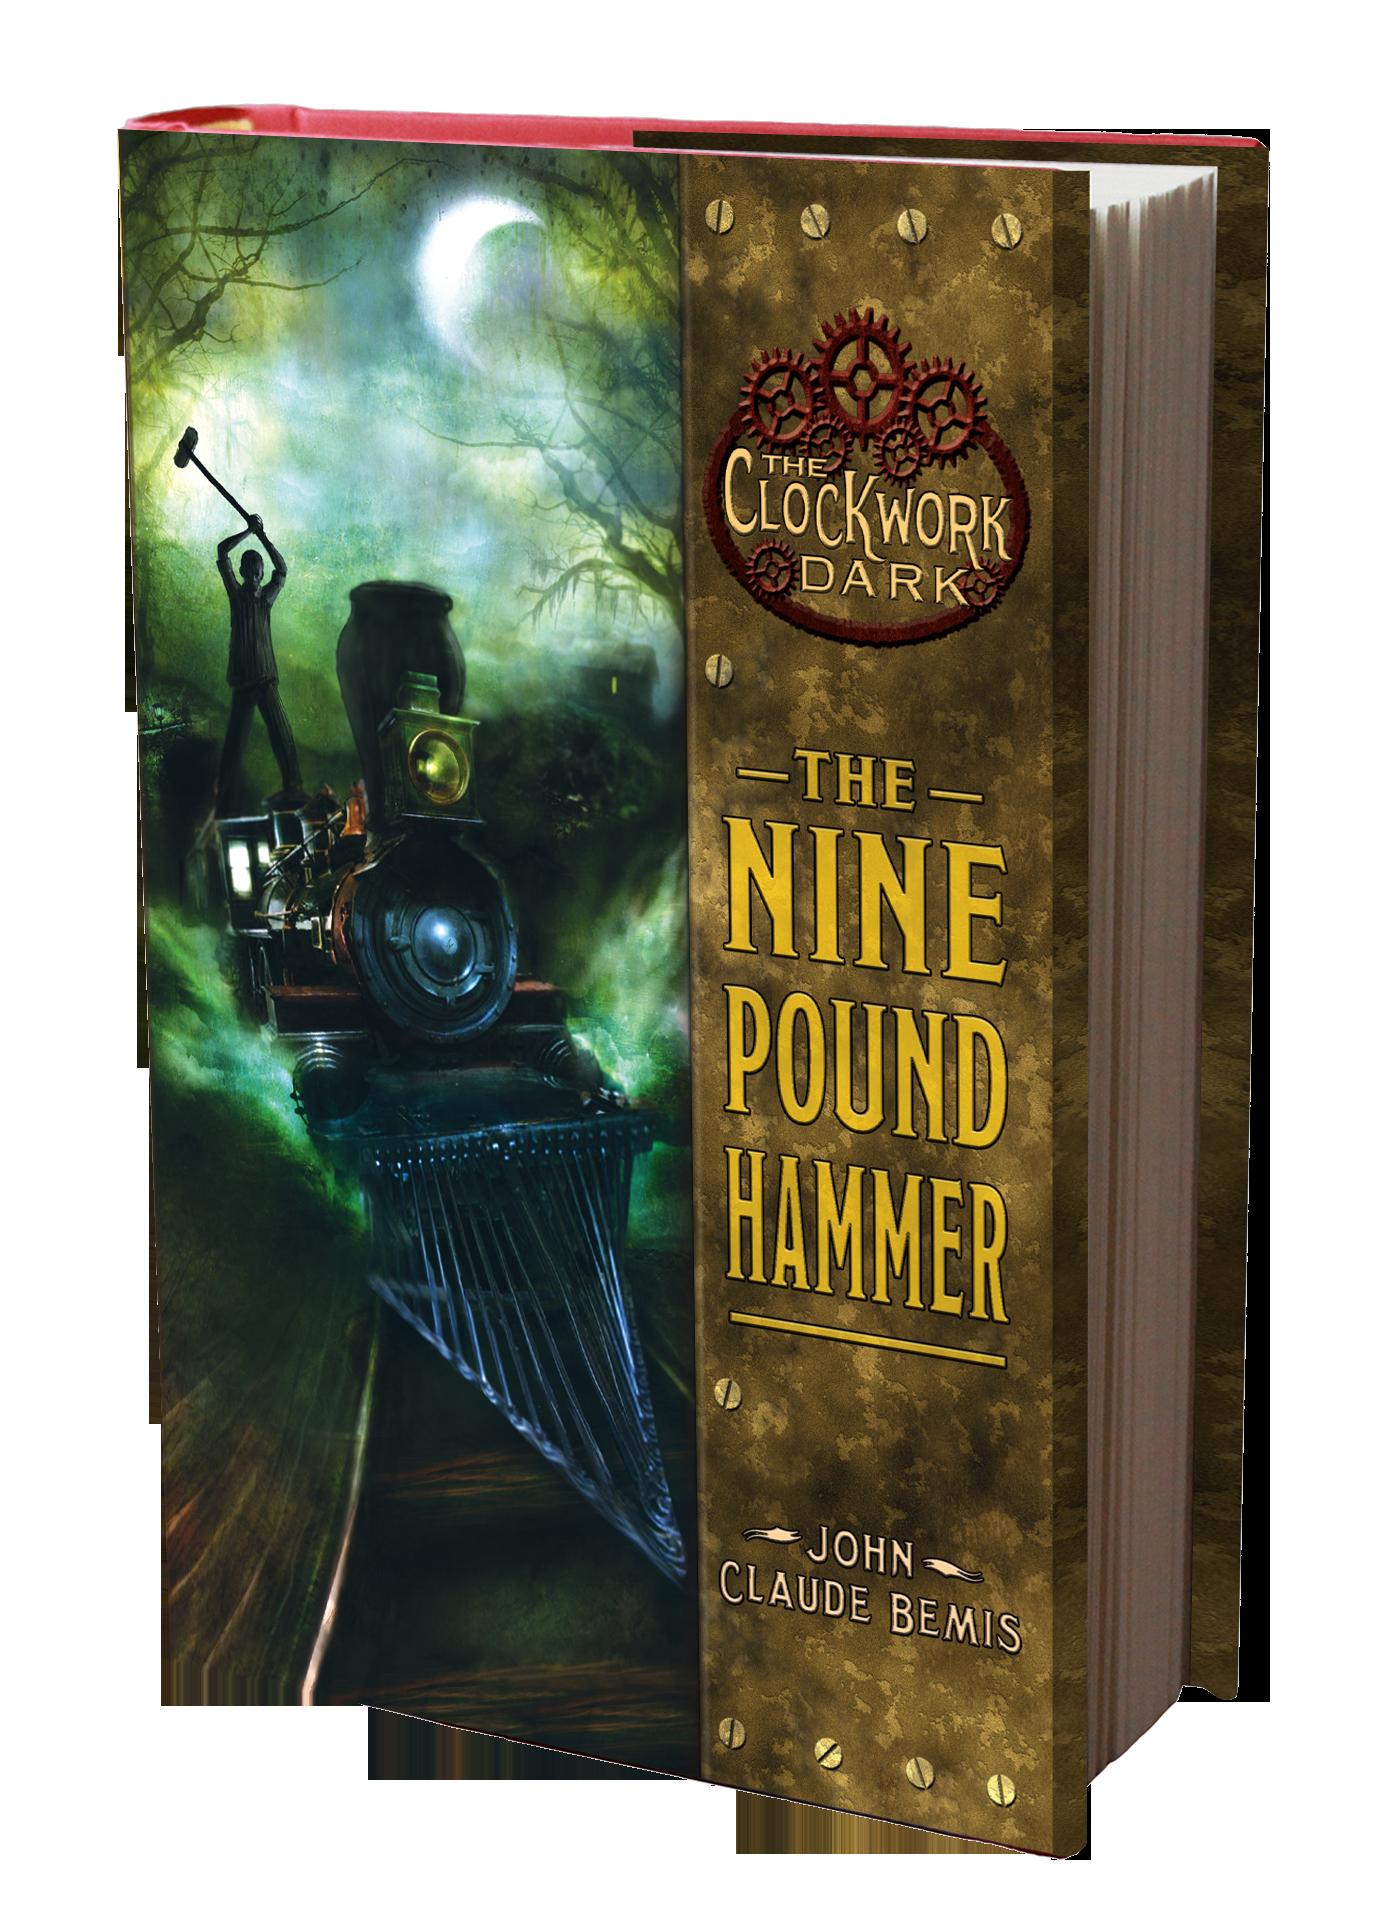 The Nine Pound Hammer Book 1 in Clockwork Dark trilogy